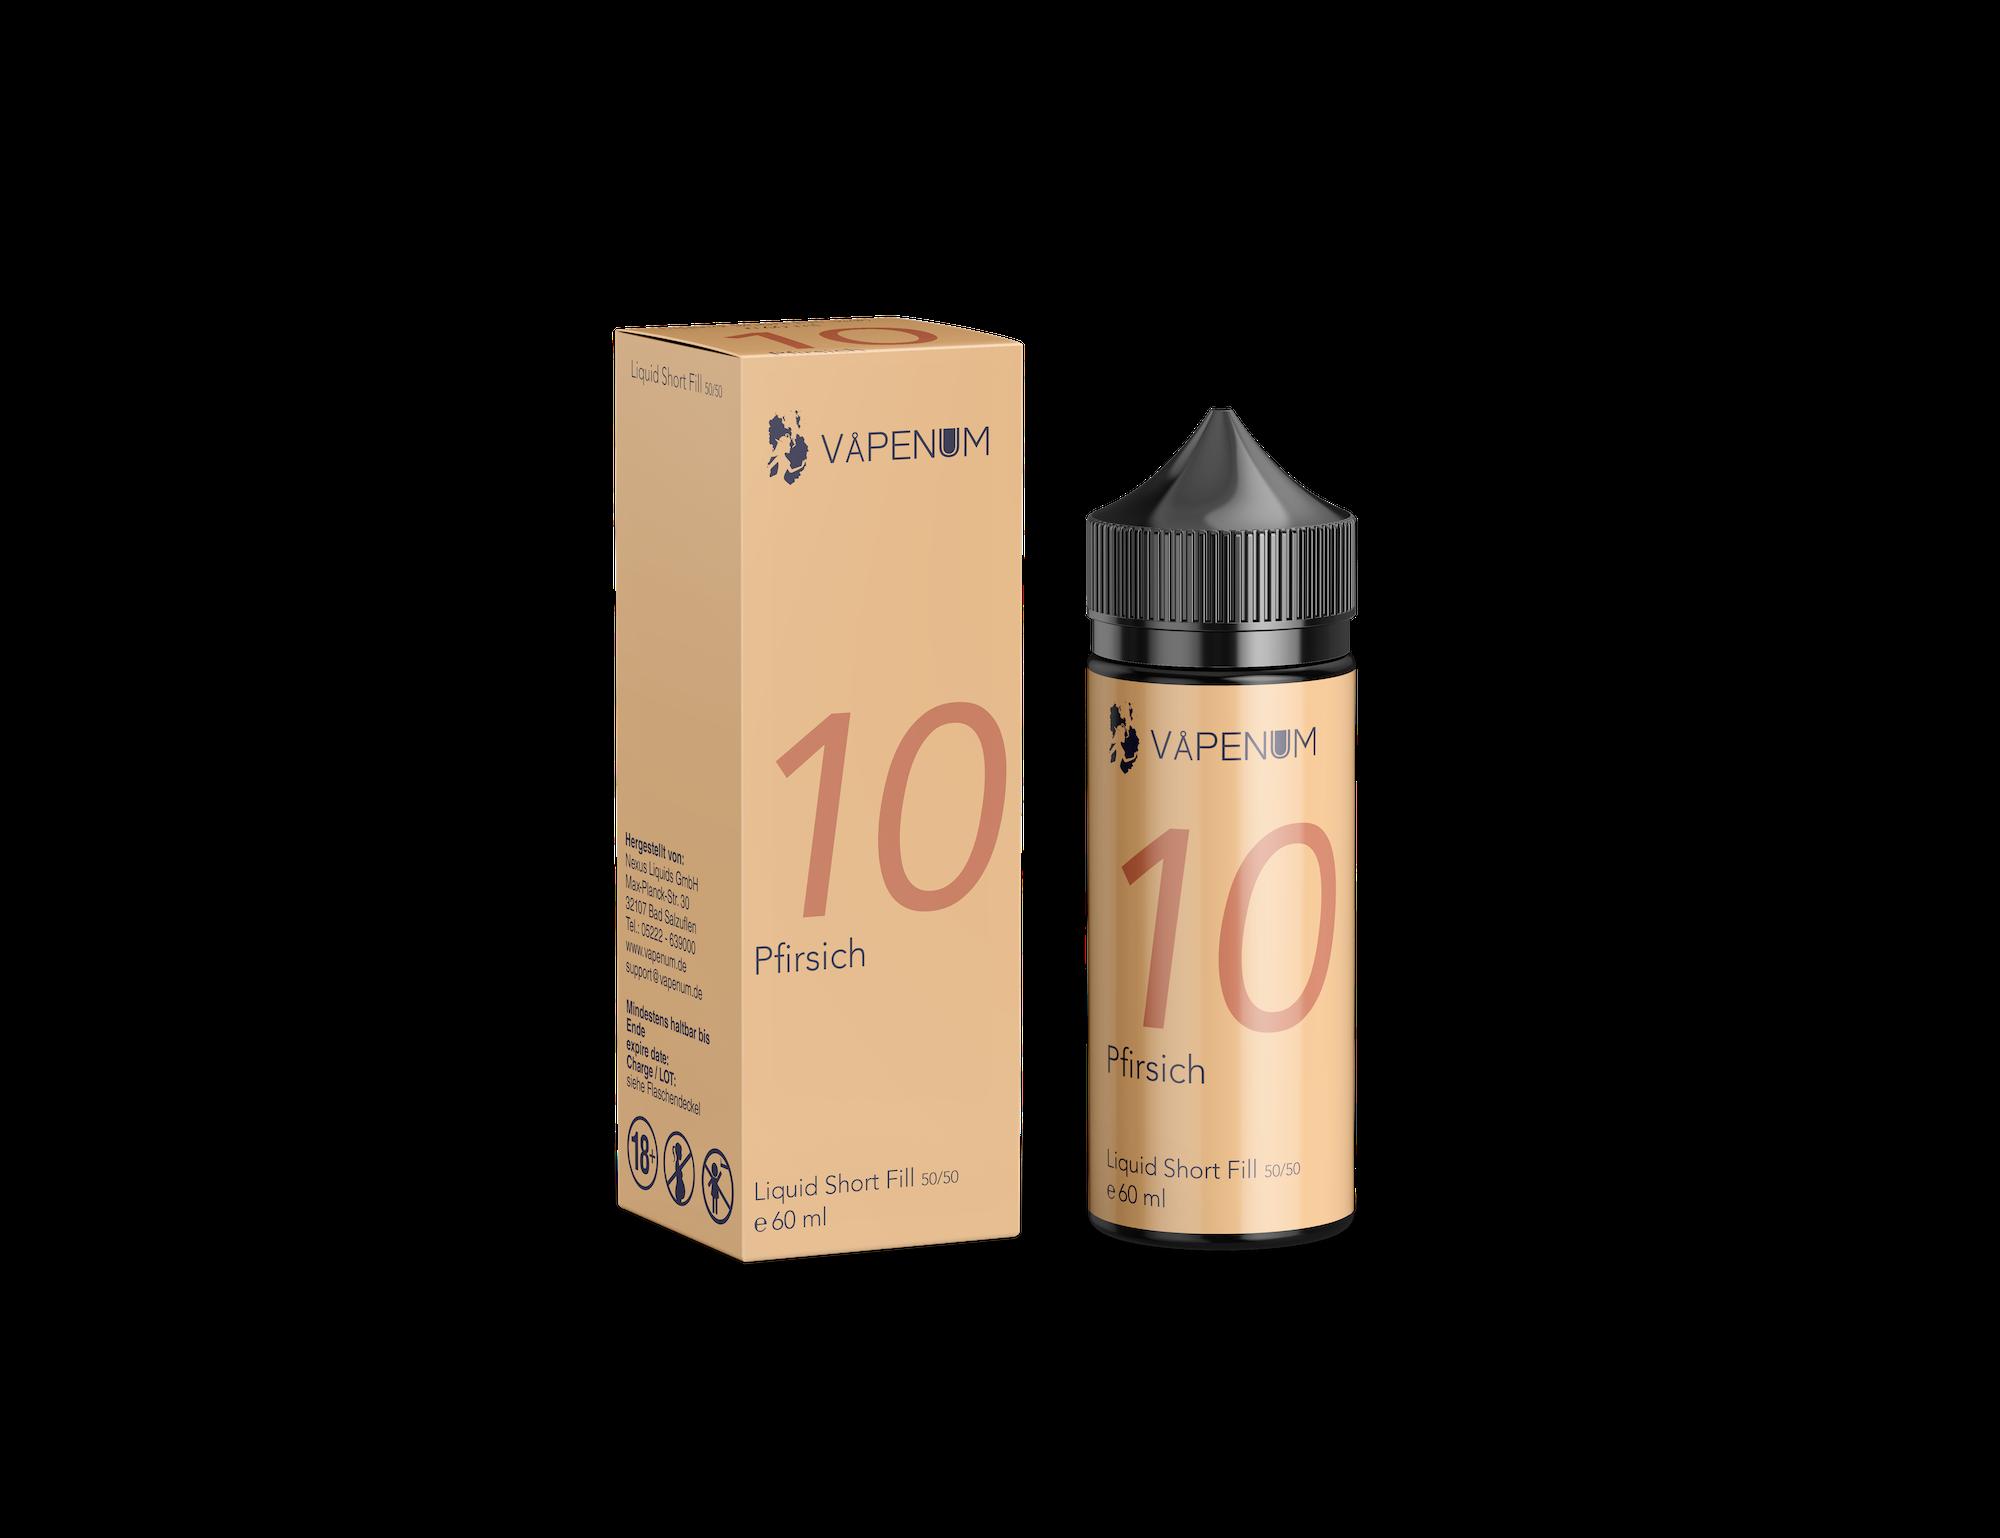 Vapenum Shortfill 10 - Pfirsich